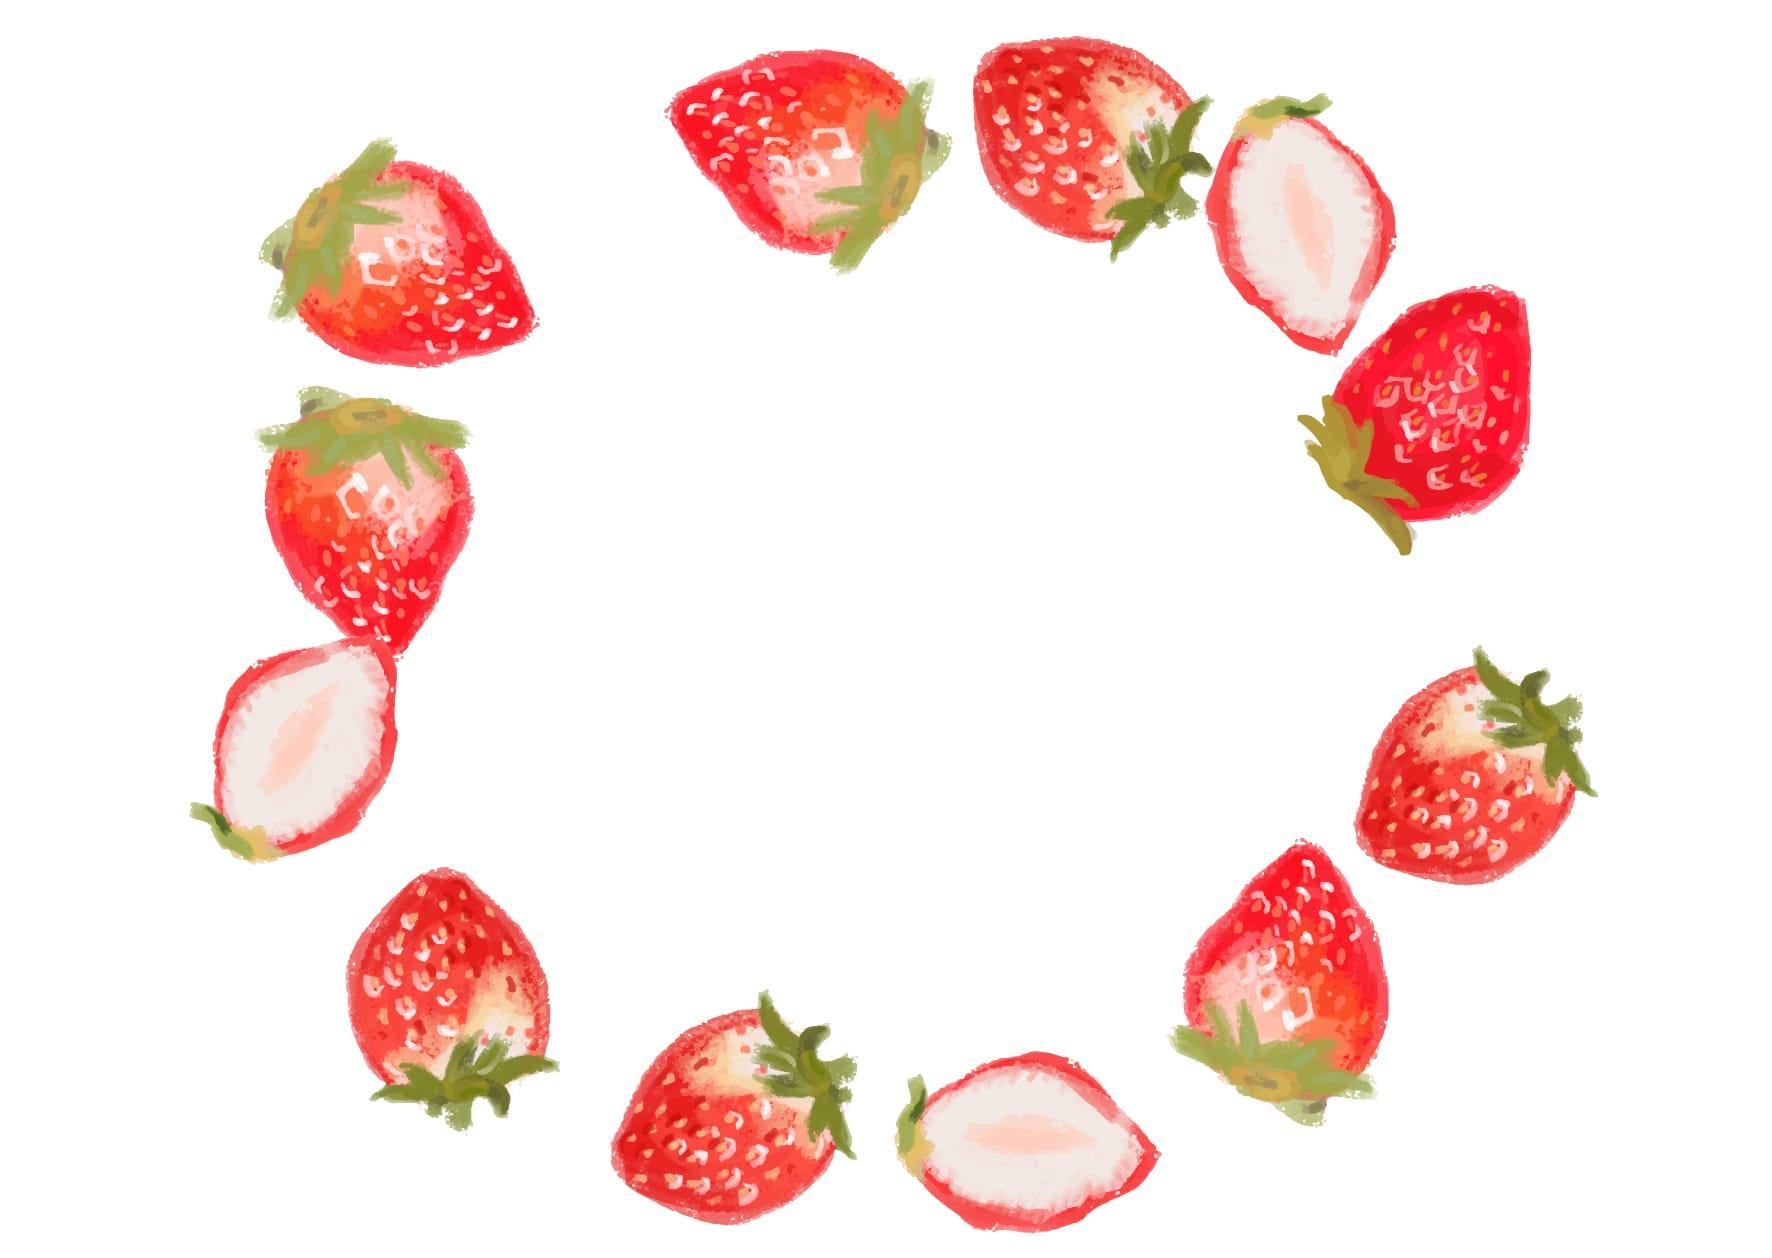 可愛いイラスト無料 手書き いちご フレーム Free Illustration Handwritten Strawberry Frame 公式 イラスト素材サイト イラストダウンロード